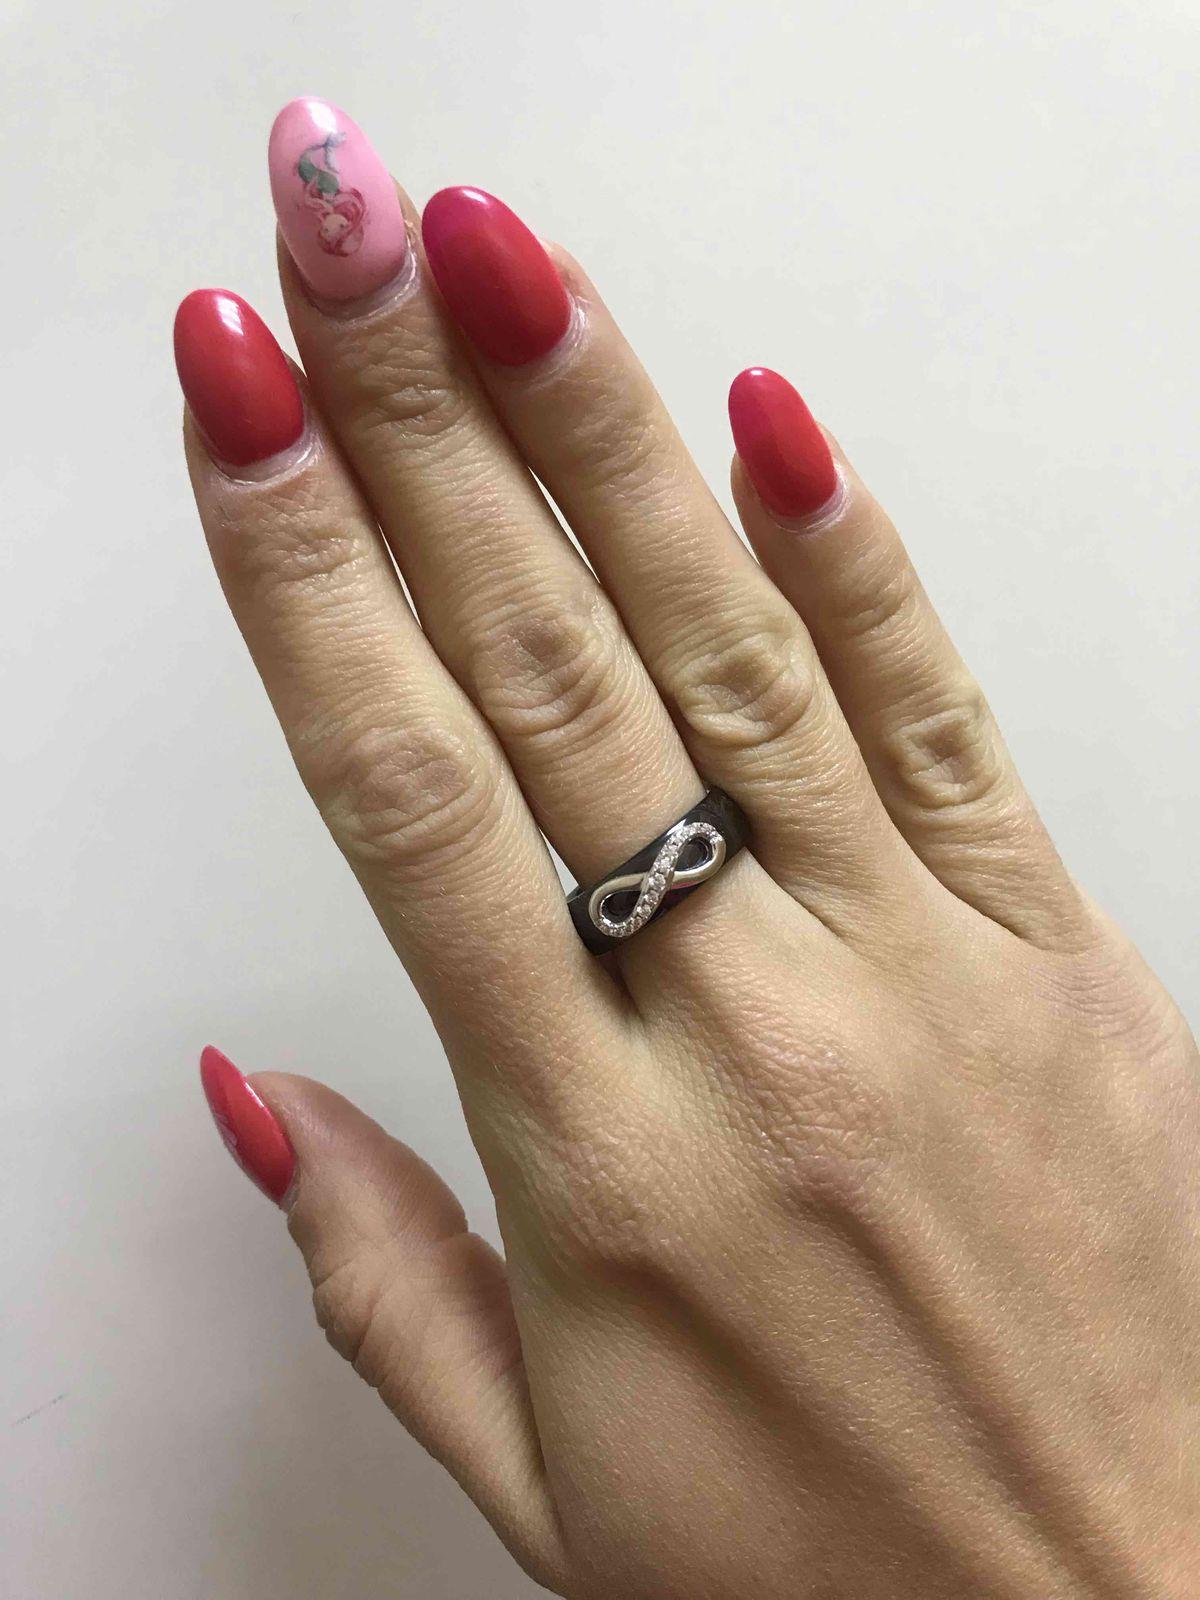 Бесконечно прекрасное кольцо!